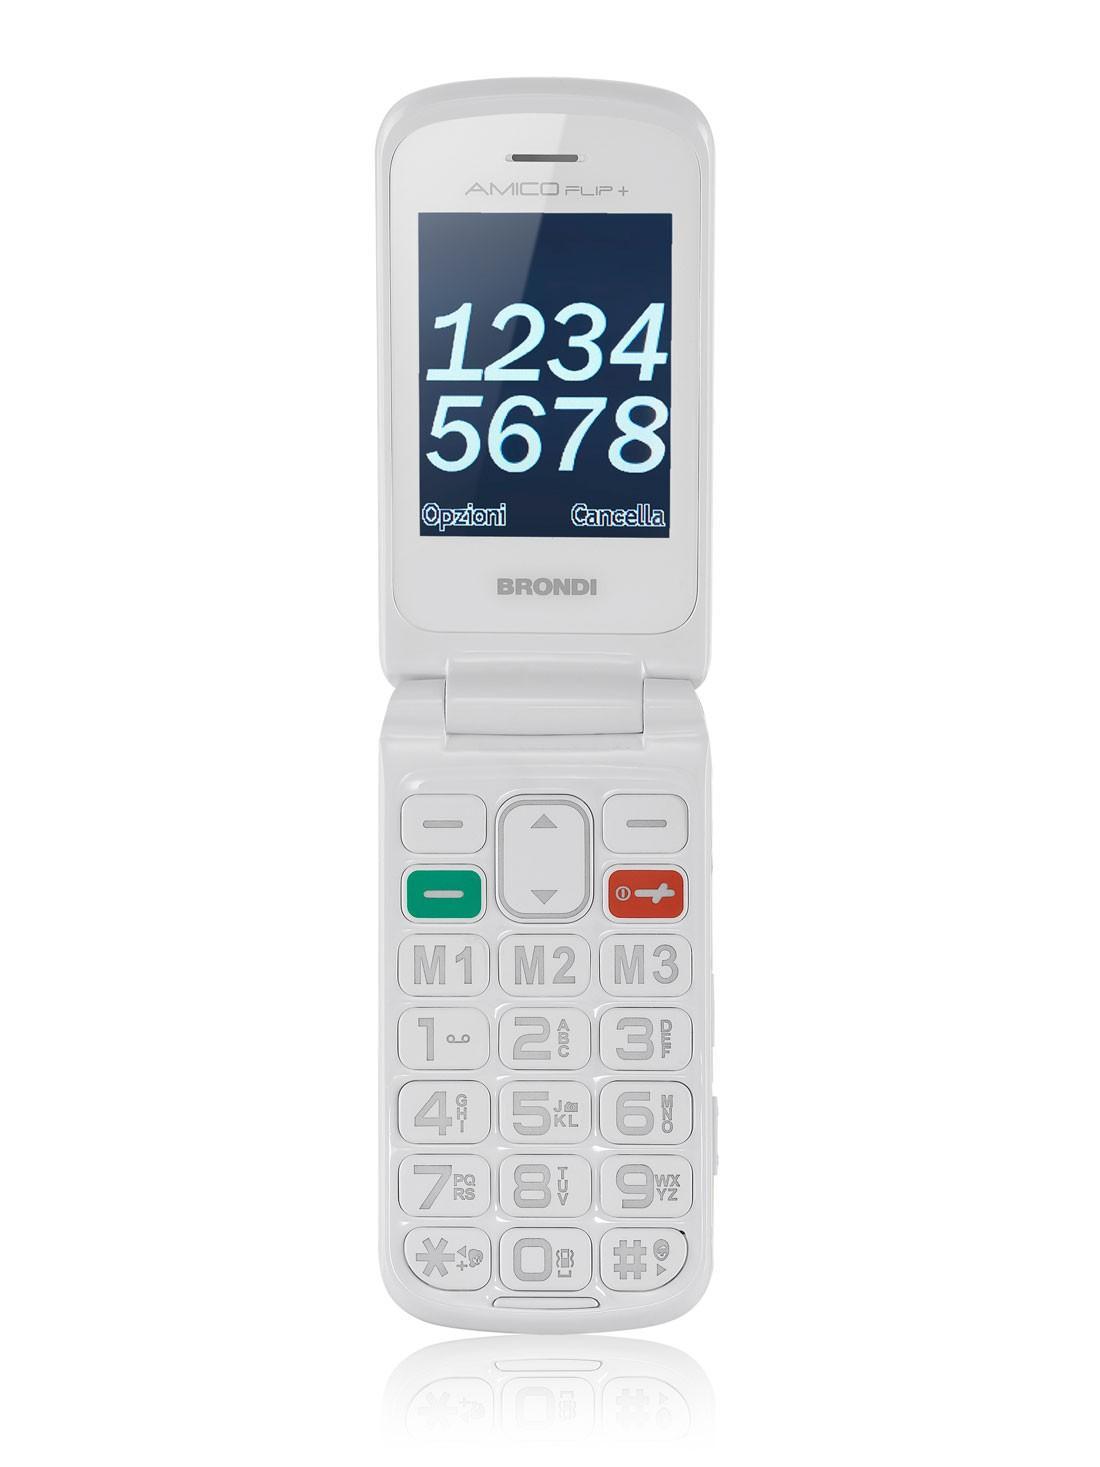 Brondi amico flip telefono cellulare bianco for Numero per chiamare amazon